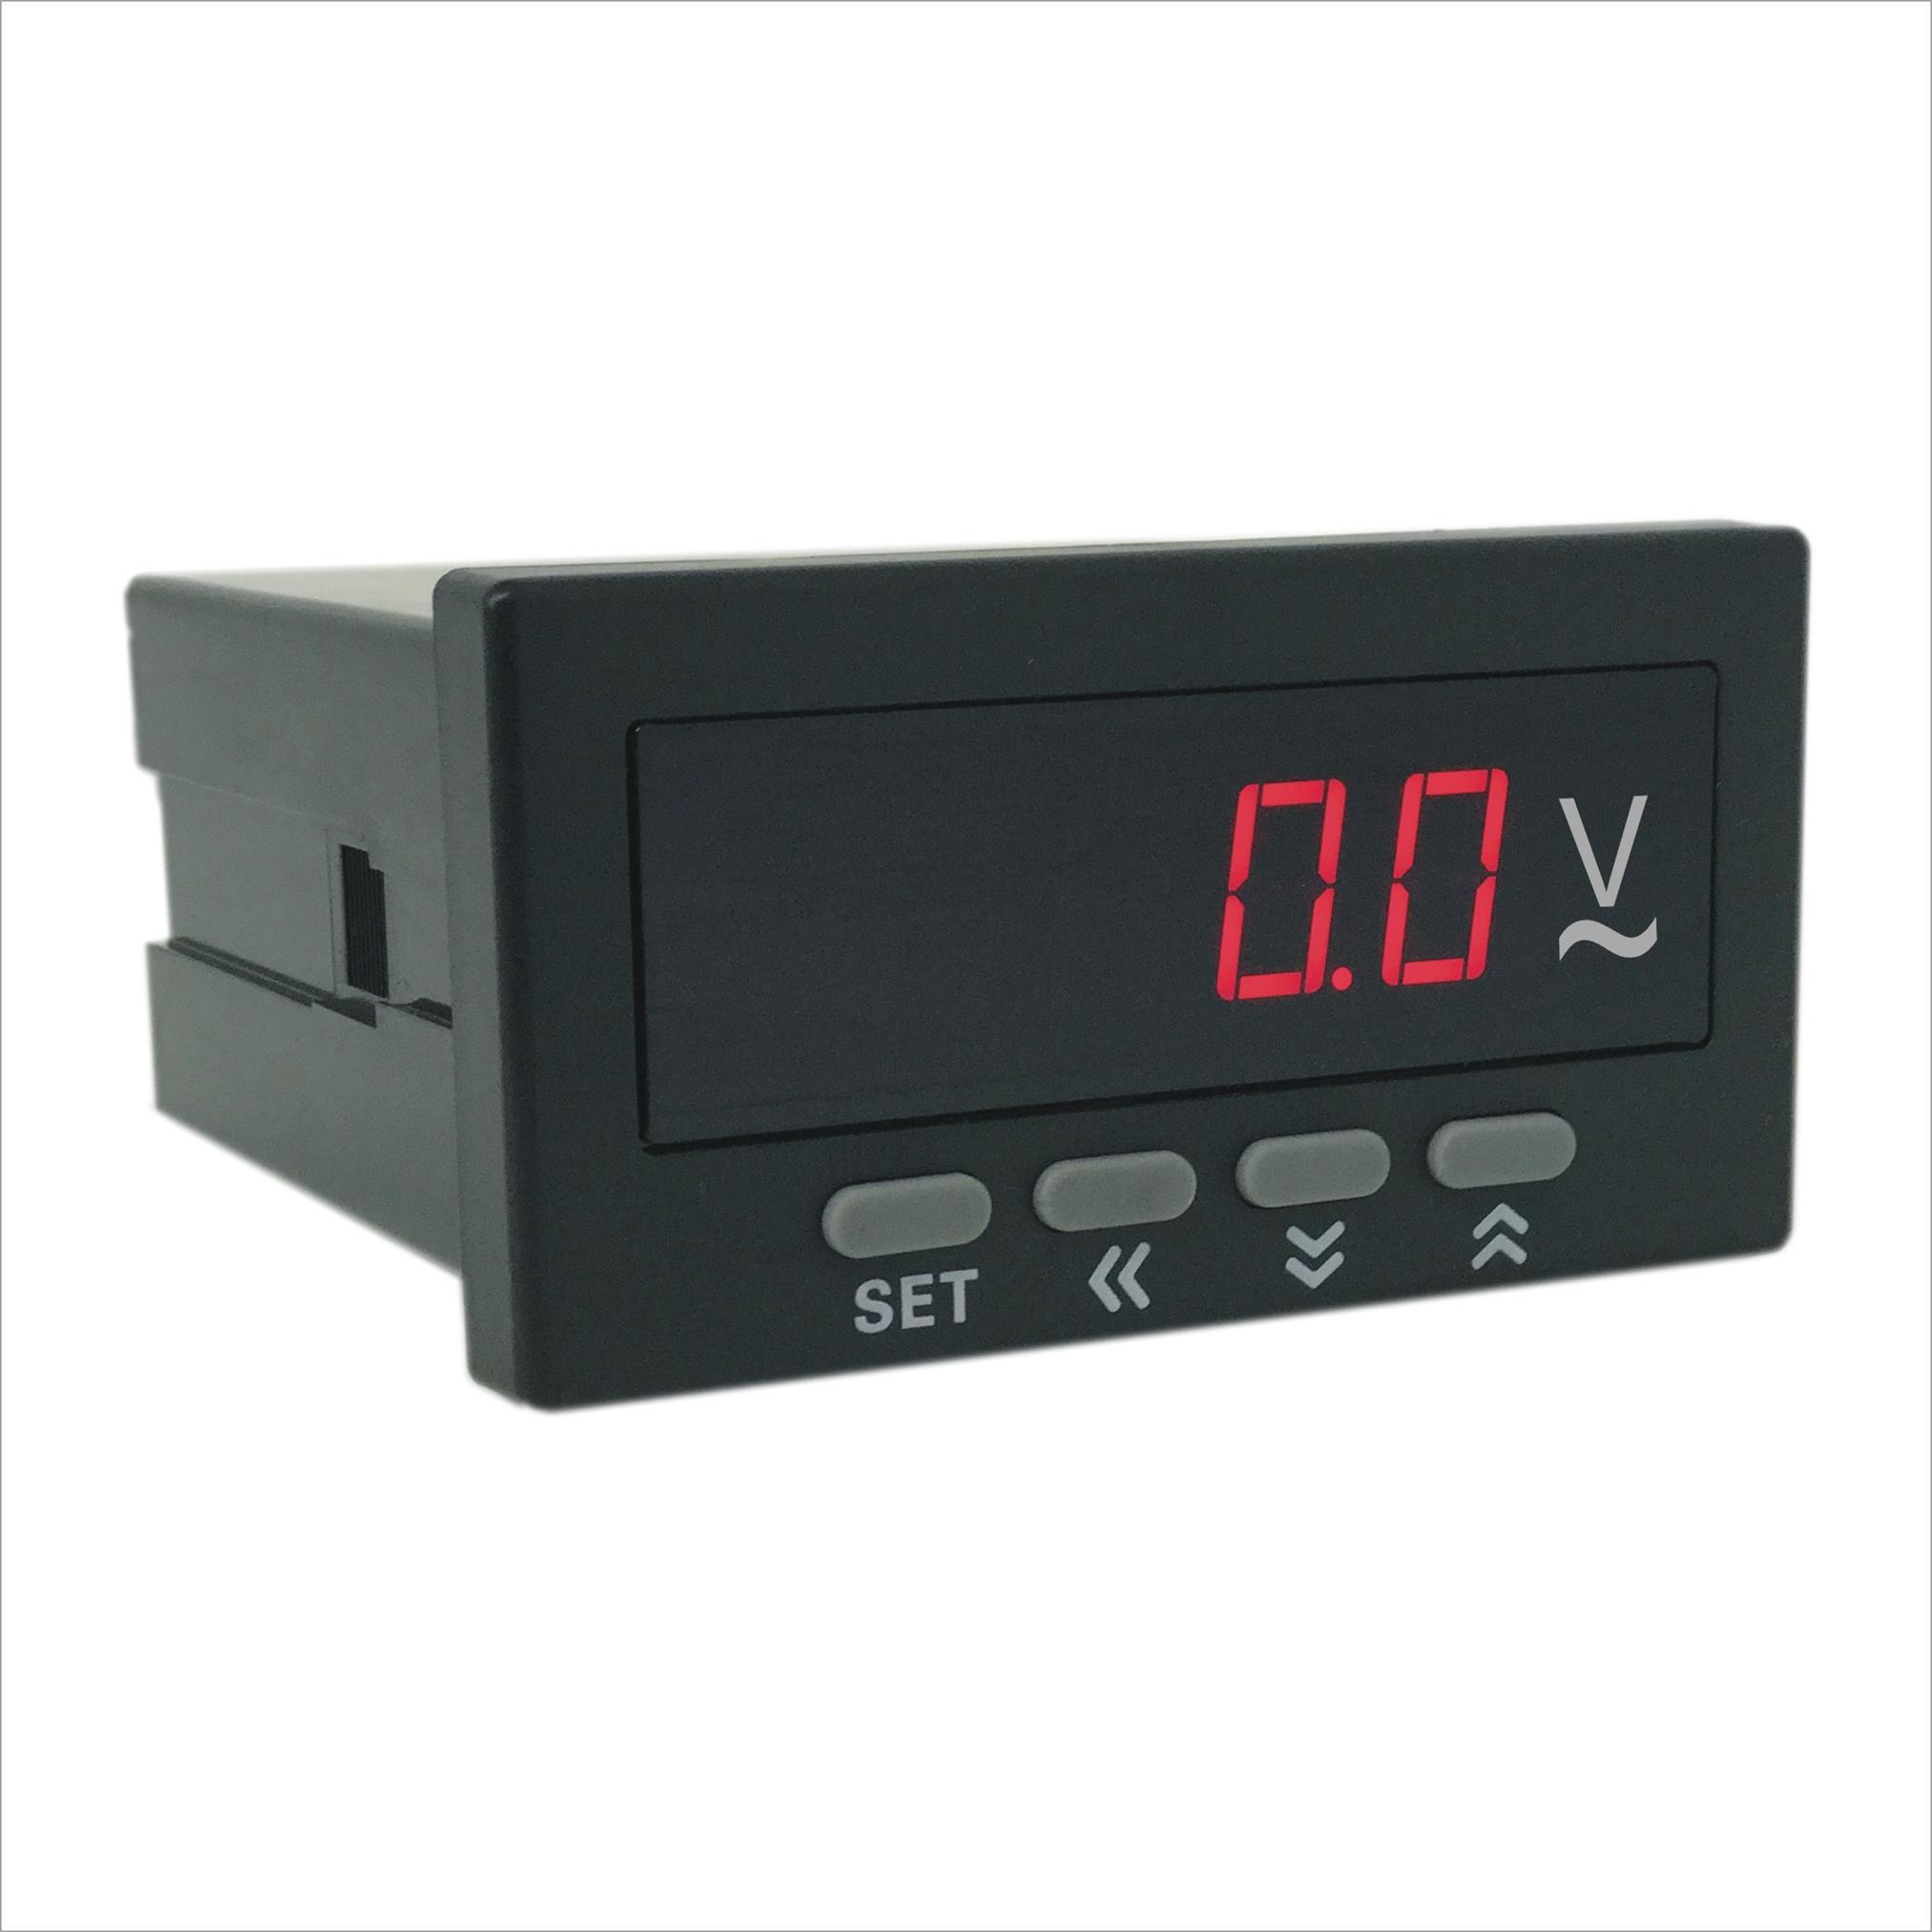 奥宾AOB184U-2K1数显电压表制造厂 技术服务强 奥宾